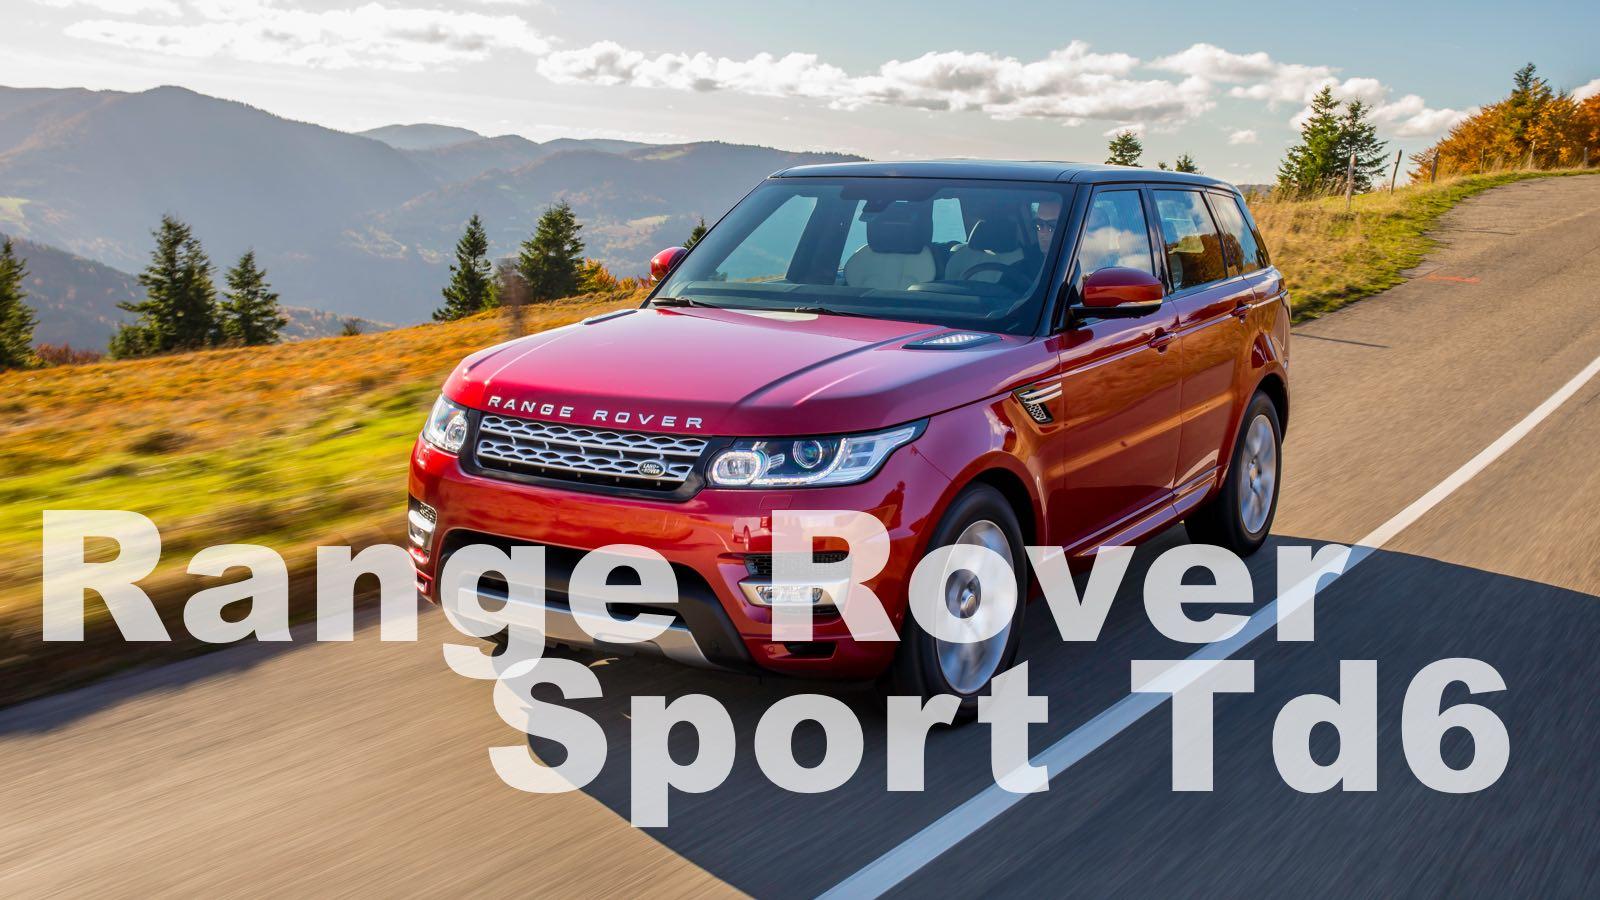 2016-Range-Rover-Sport-Td6-Cover